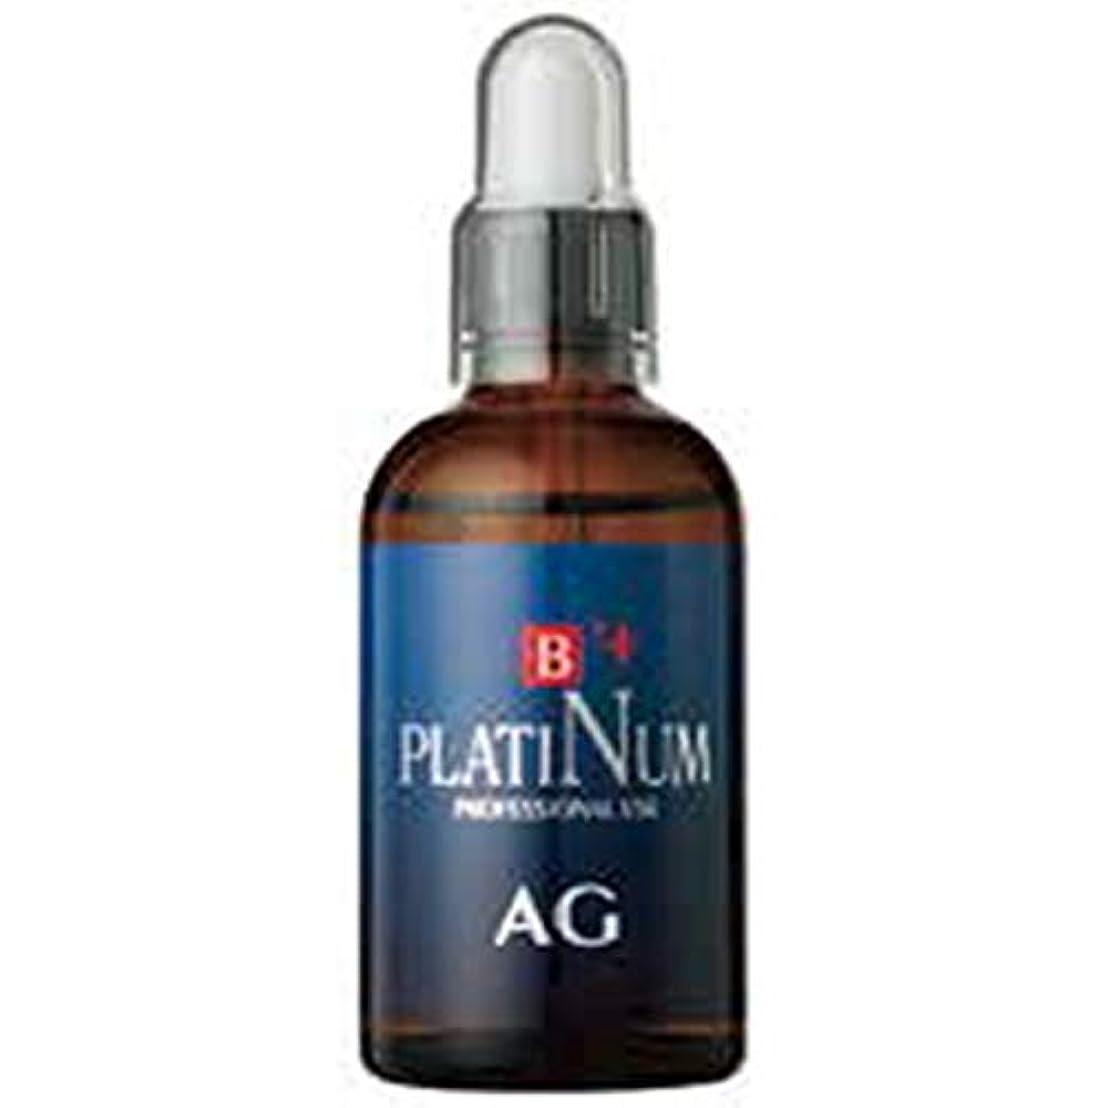 中世のジムミリメーター【ビューティー プラチナム】 PLATINUM B'+  アルジレリン16%(+シンーエイク配合 高濃度美容液)  リフトアップ専用:100ml